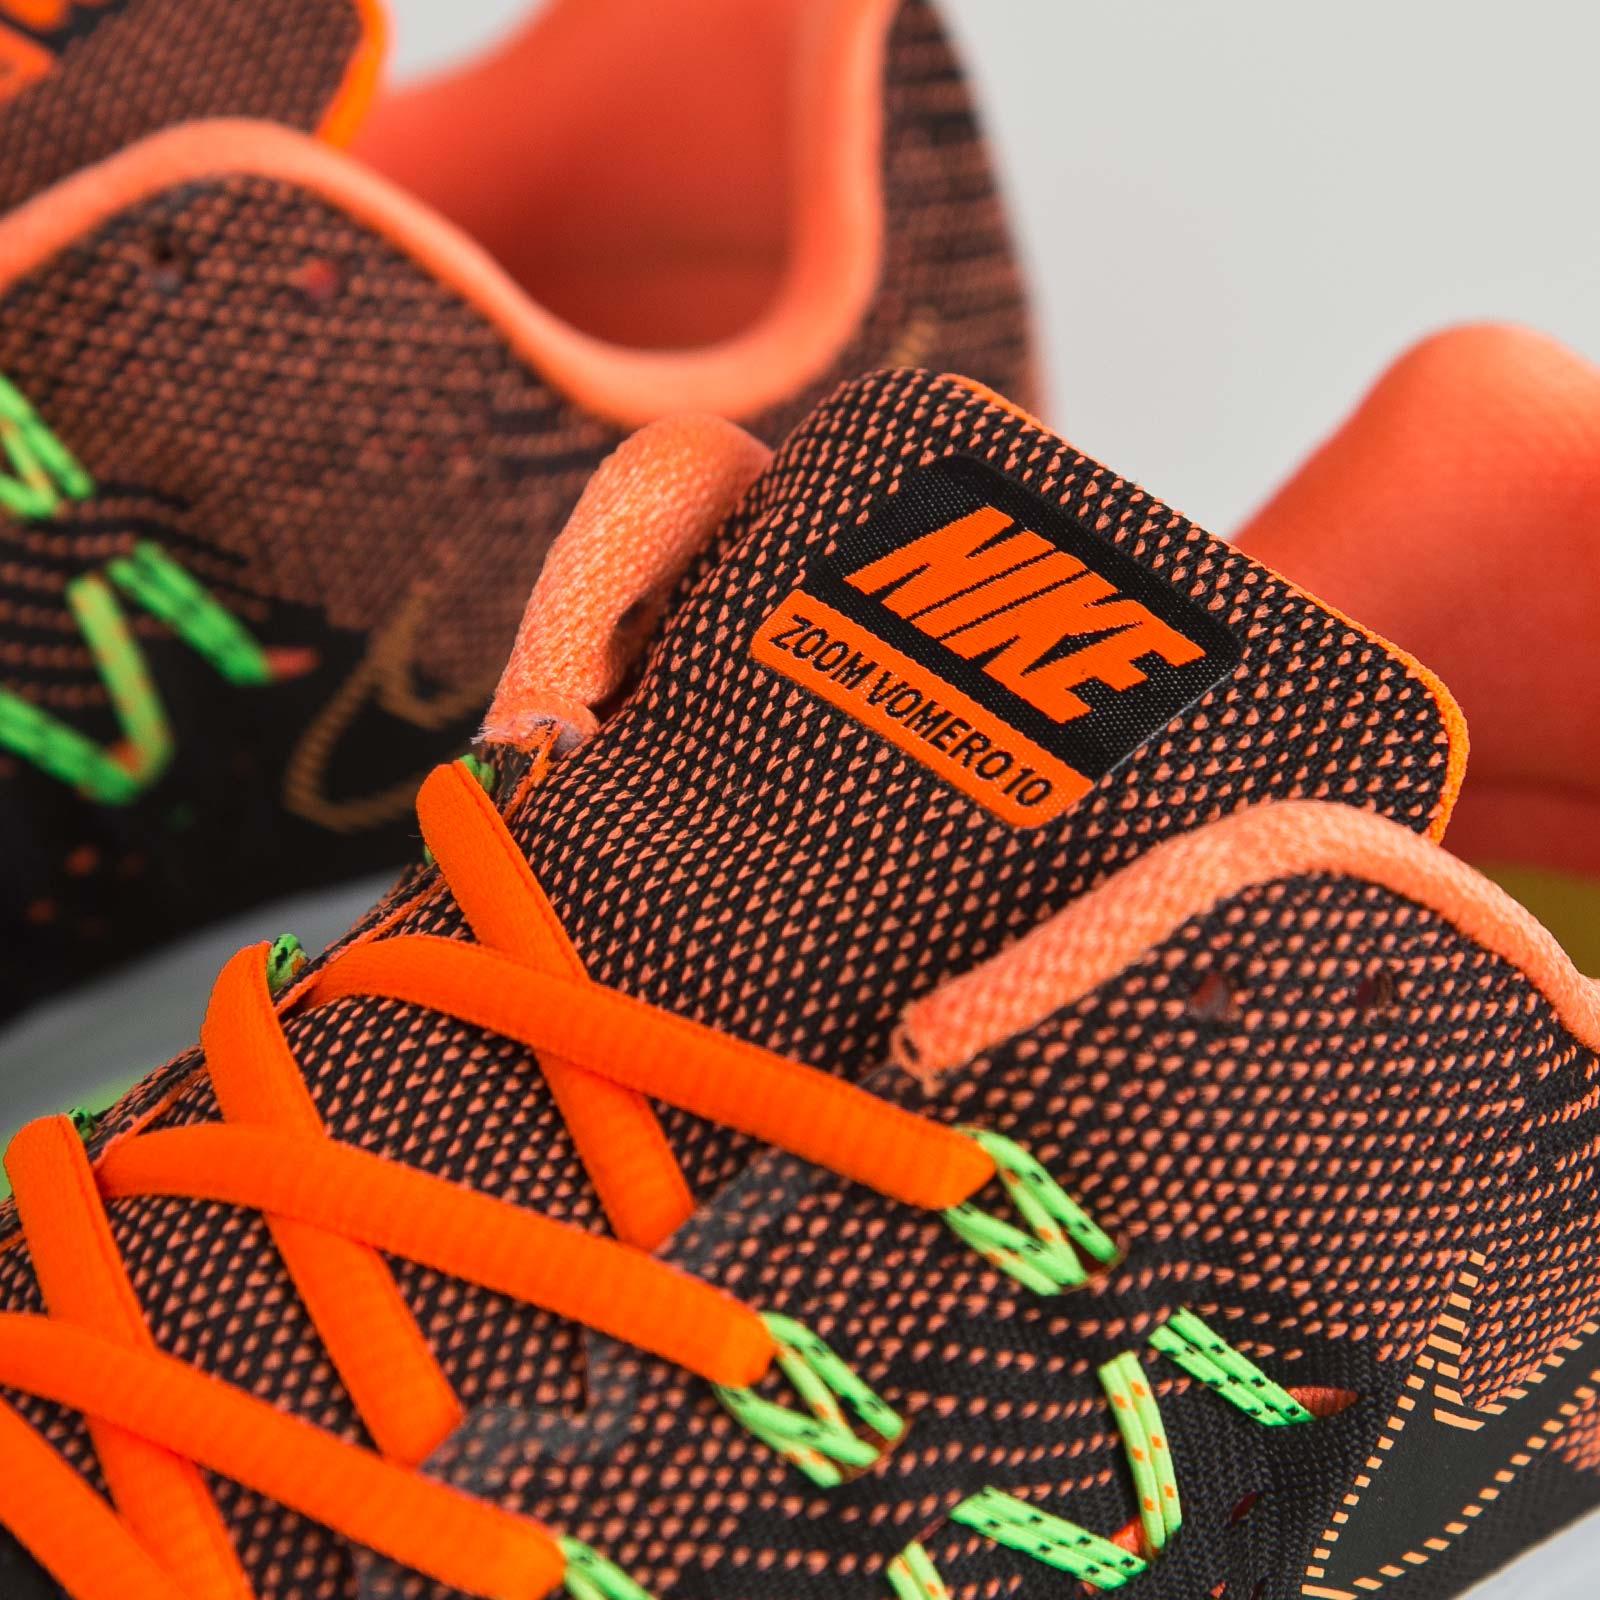 Nike Air Zoom Vomero 10 - 717440-803 - Sneakersnstuff  46e26dd33